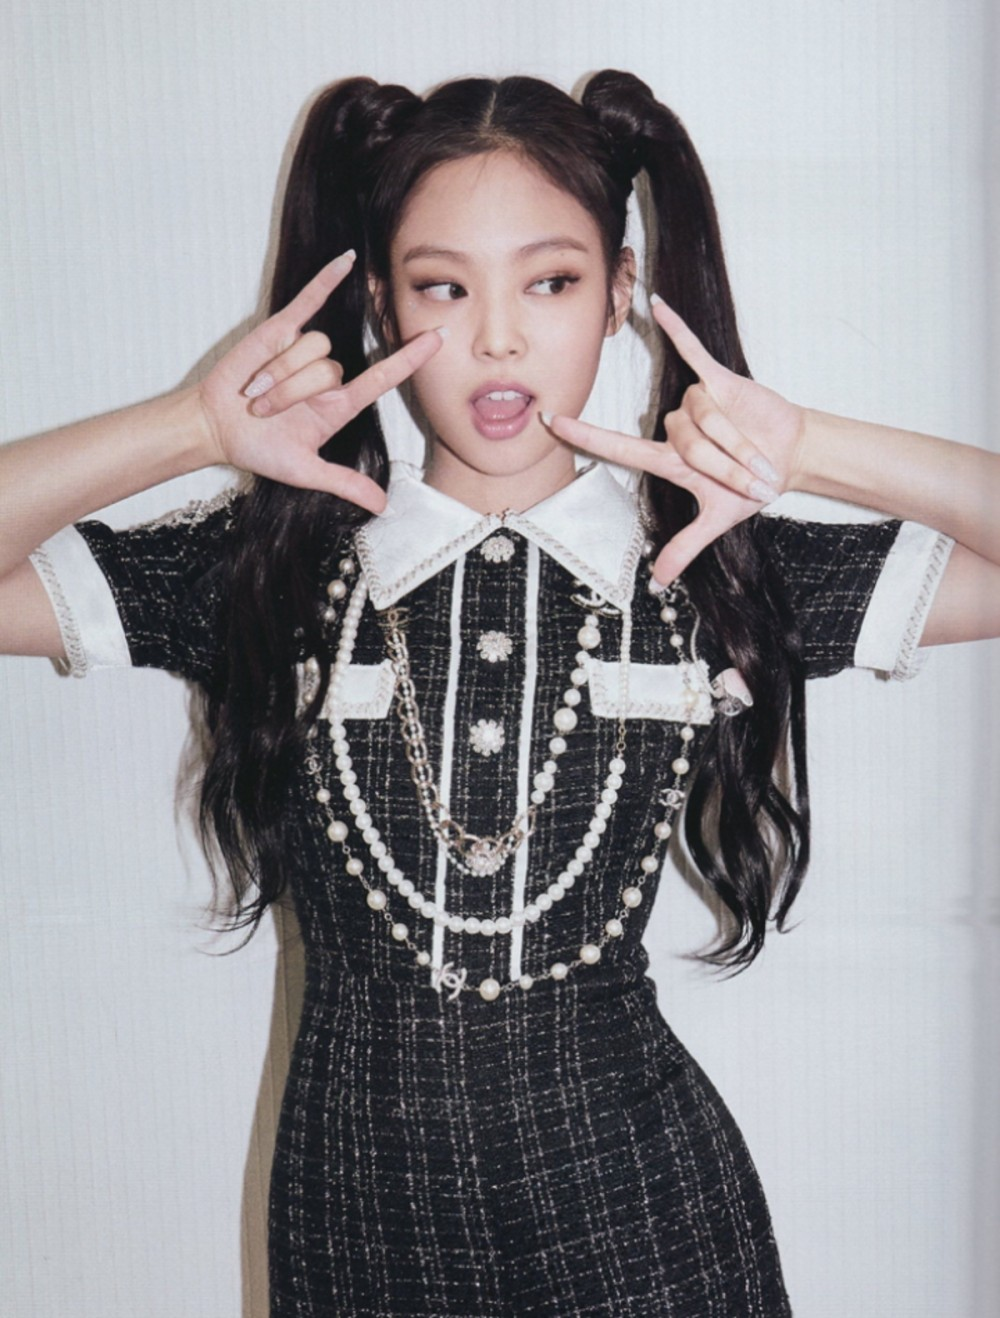 """Nayeon (Twice) bị coi như bản cosplay lỗi của Jennie khi để tóc 2 bên, tạo hình mới lạ nhưng bị chê """"phèn"""" trên tạp chí - Ảnh 8."""